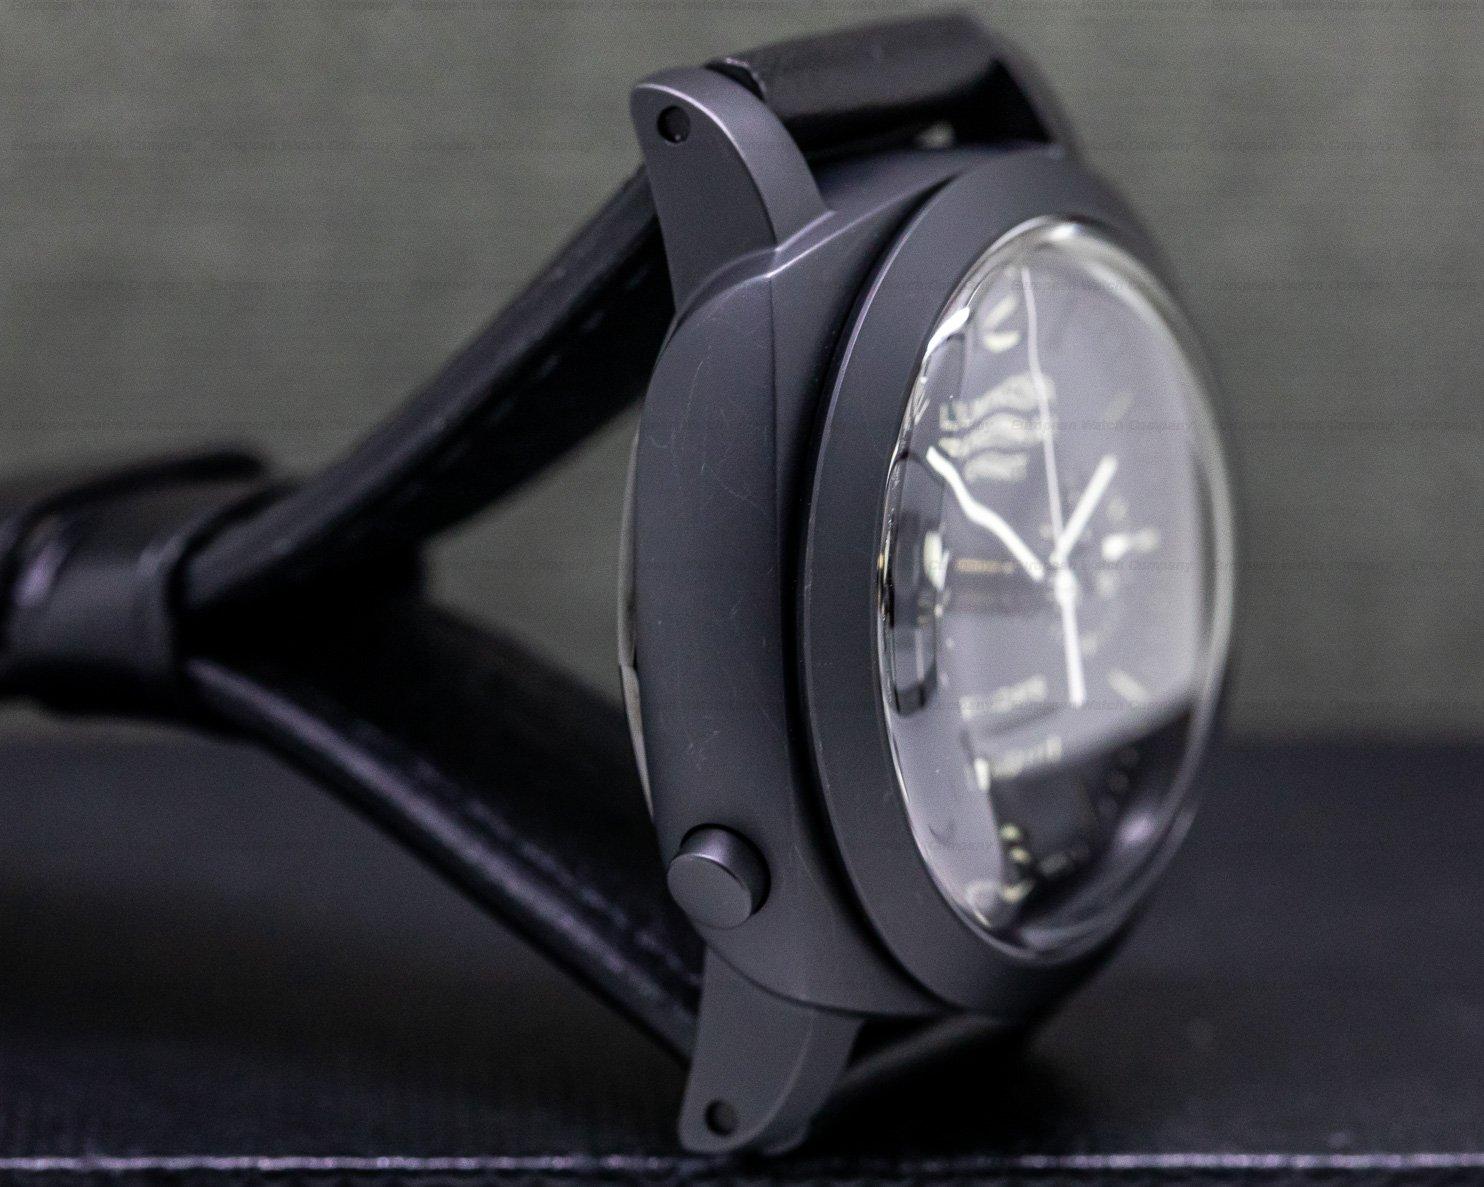 Panerai PAM00317 Luminor 1950 Chrono Monopulsante 8 Days GMT